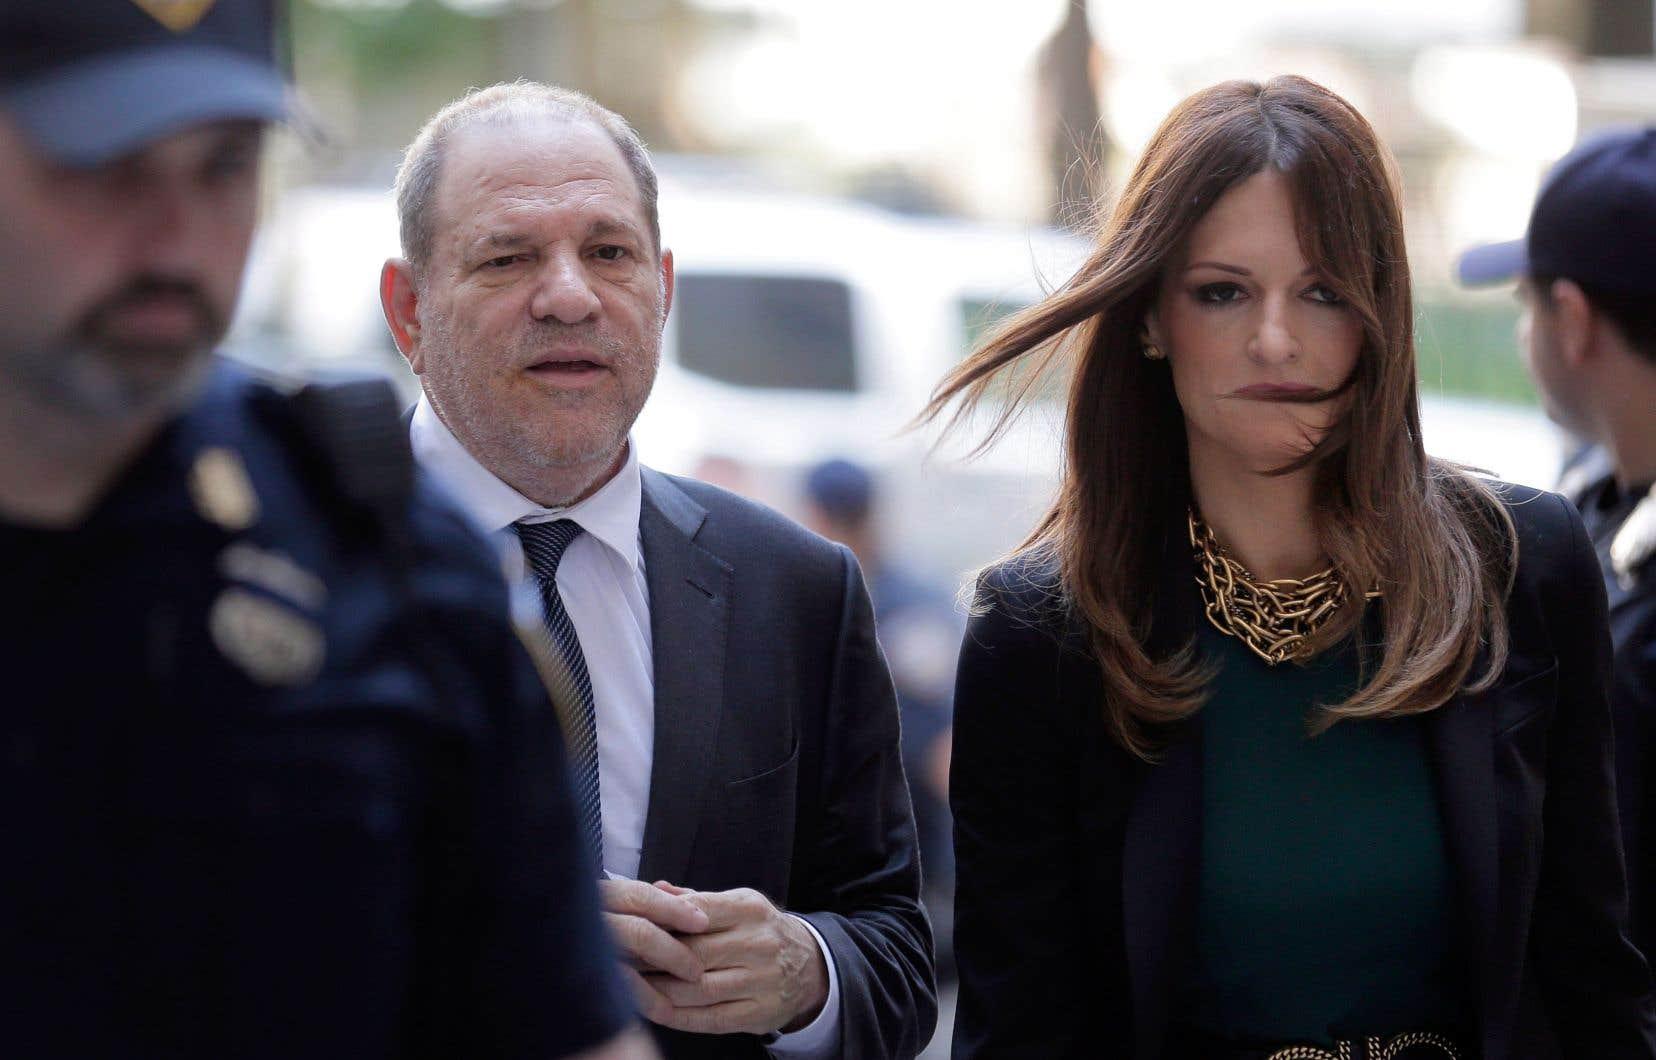 L'avocate de Harvey Weinstein, Donna Rotunno, est une ex-procureure spécialisée dans la défense des hommes accusés d'agressions sexuelles